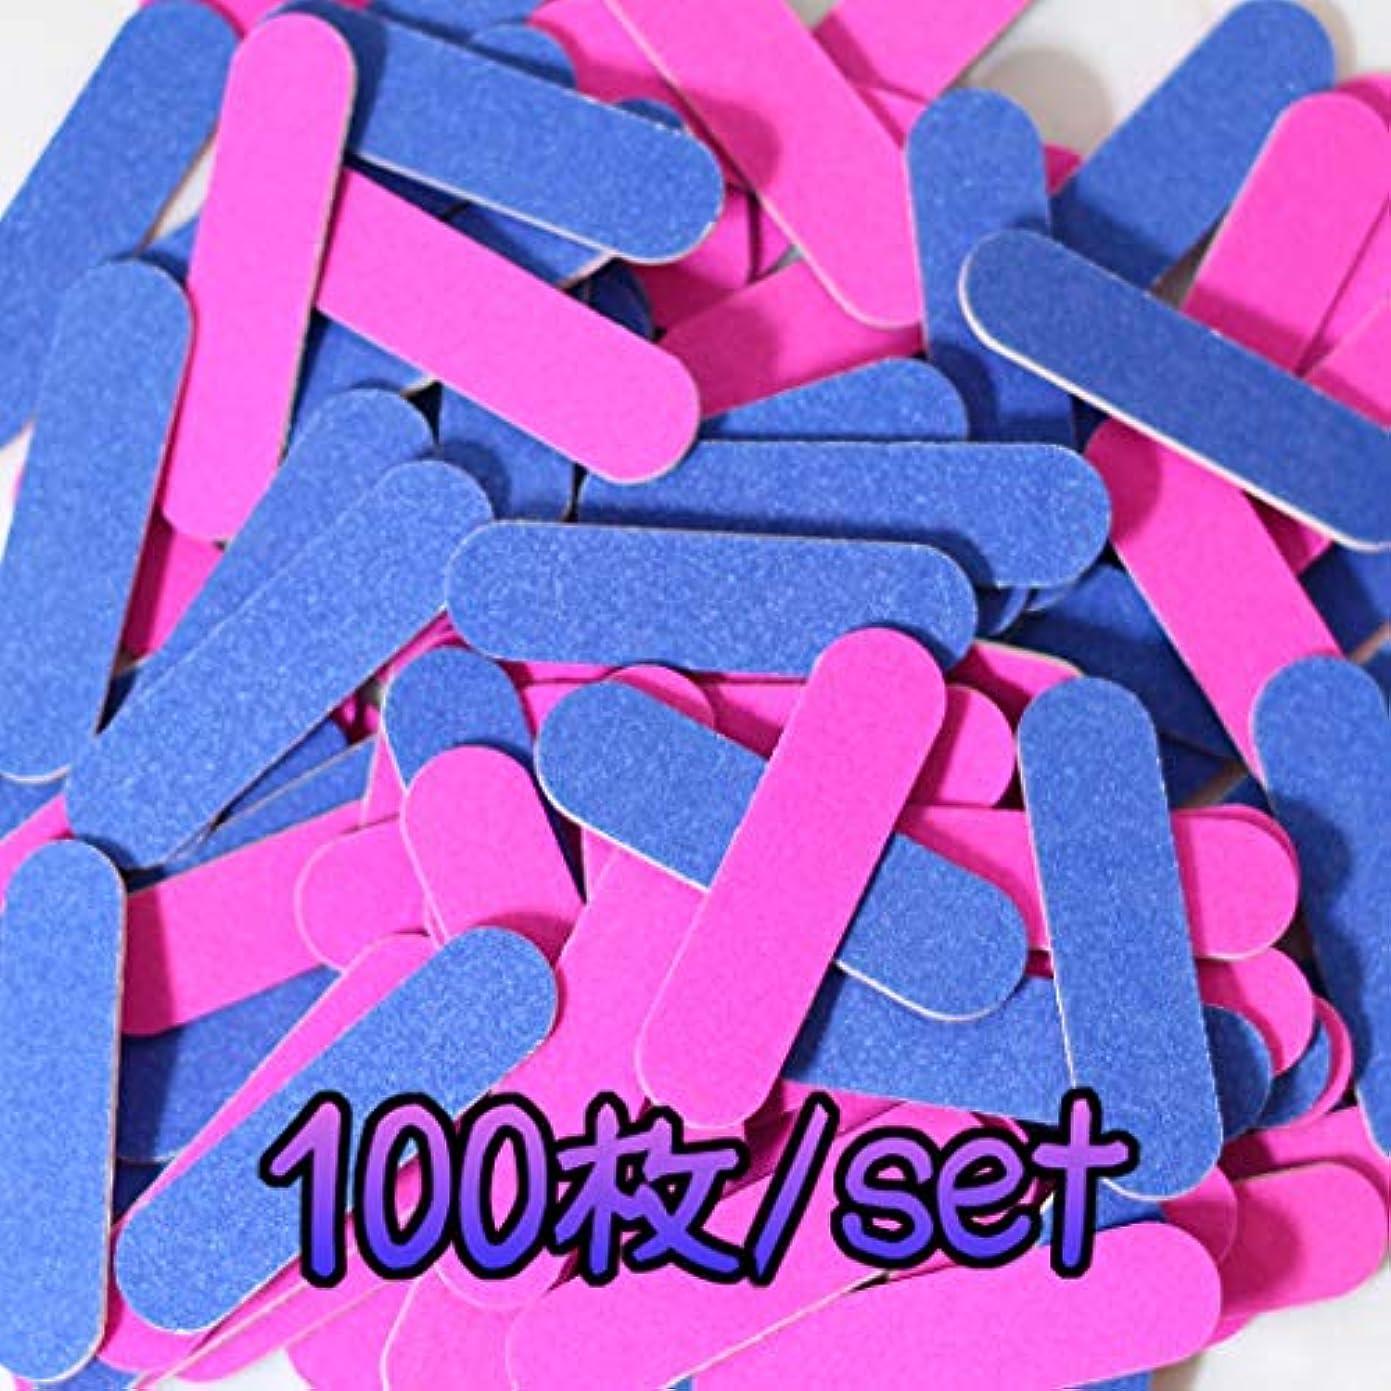 遅い肺炎非公式Cali&Brita ネイルファイル 爪やすり 大容量 100枚セット エメリーボード 100/180 グリッド